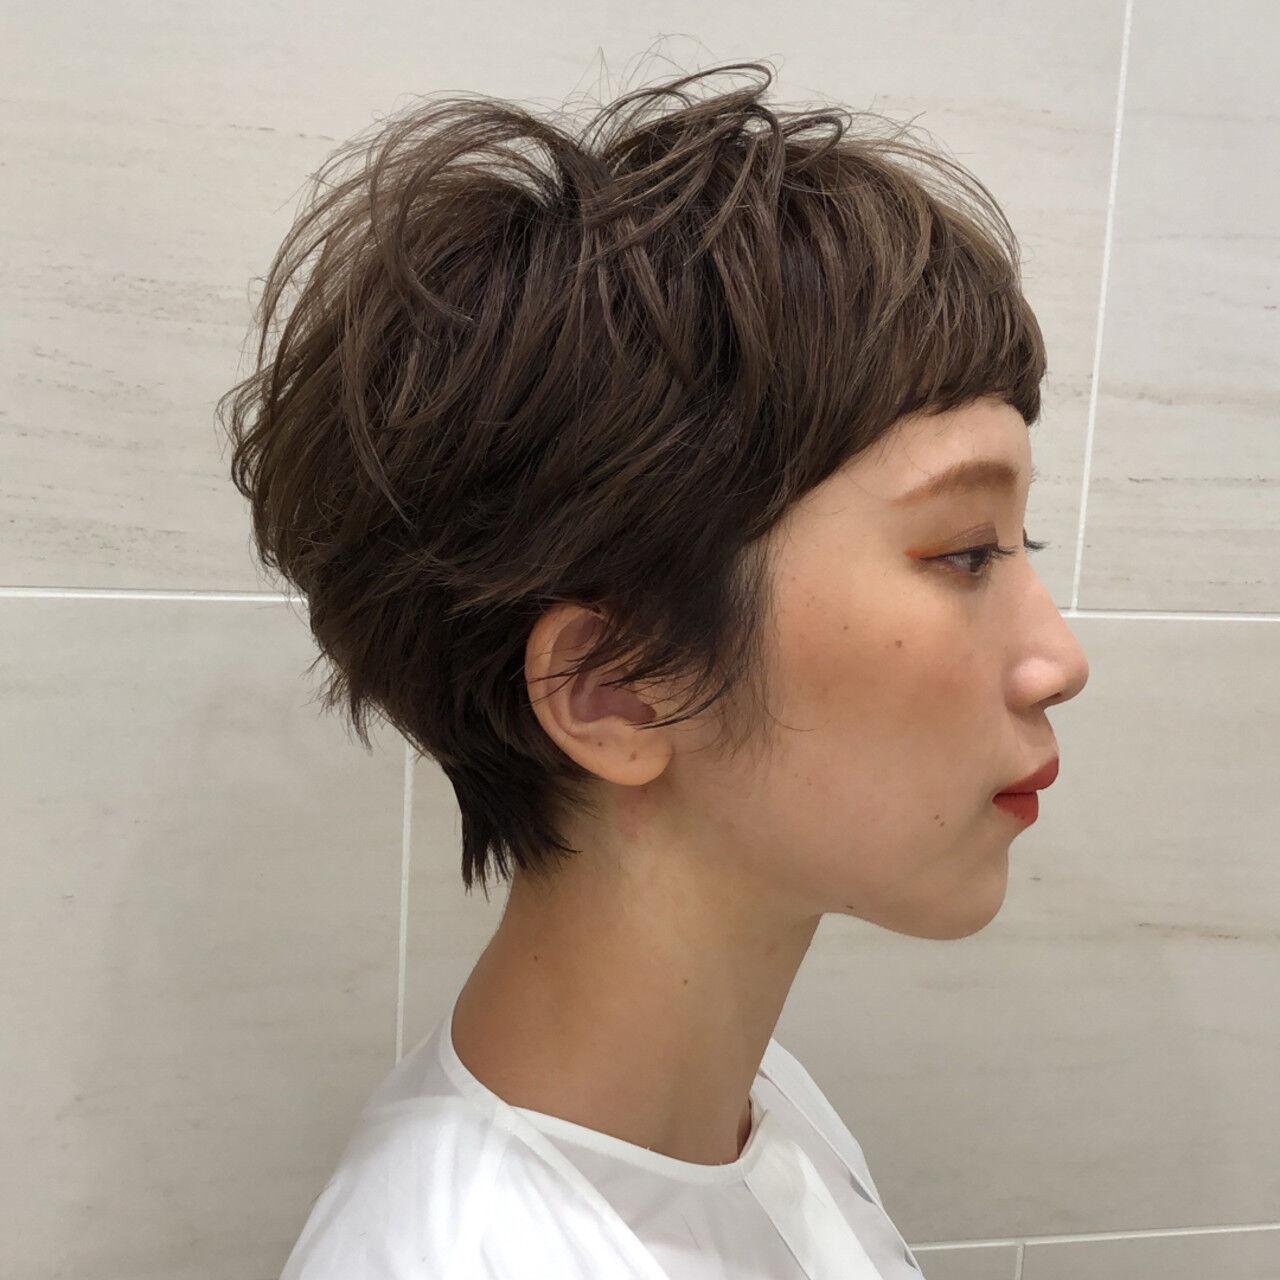 マッシュショート ミルクティーベージュ ショートボブ ショートヘアヘアスタイルや髪型の写真・画像